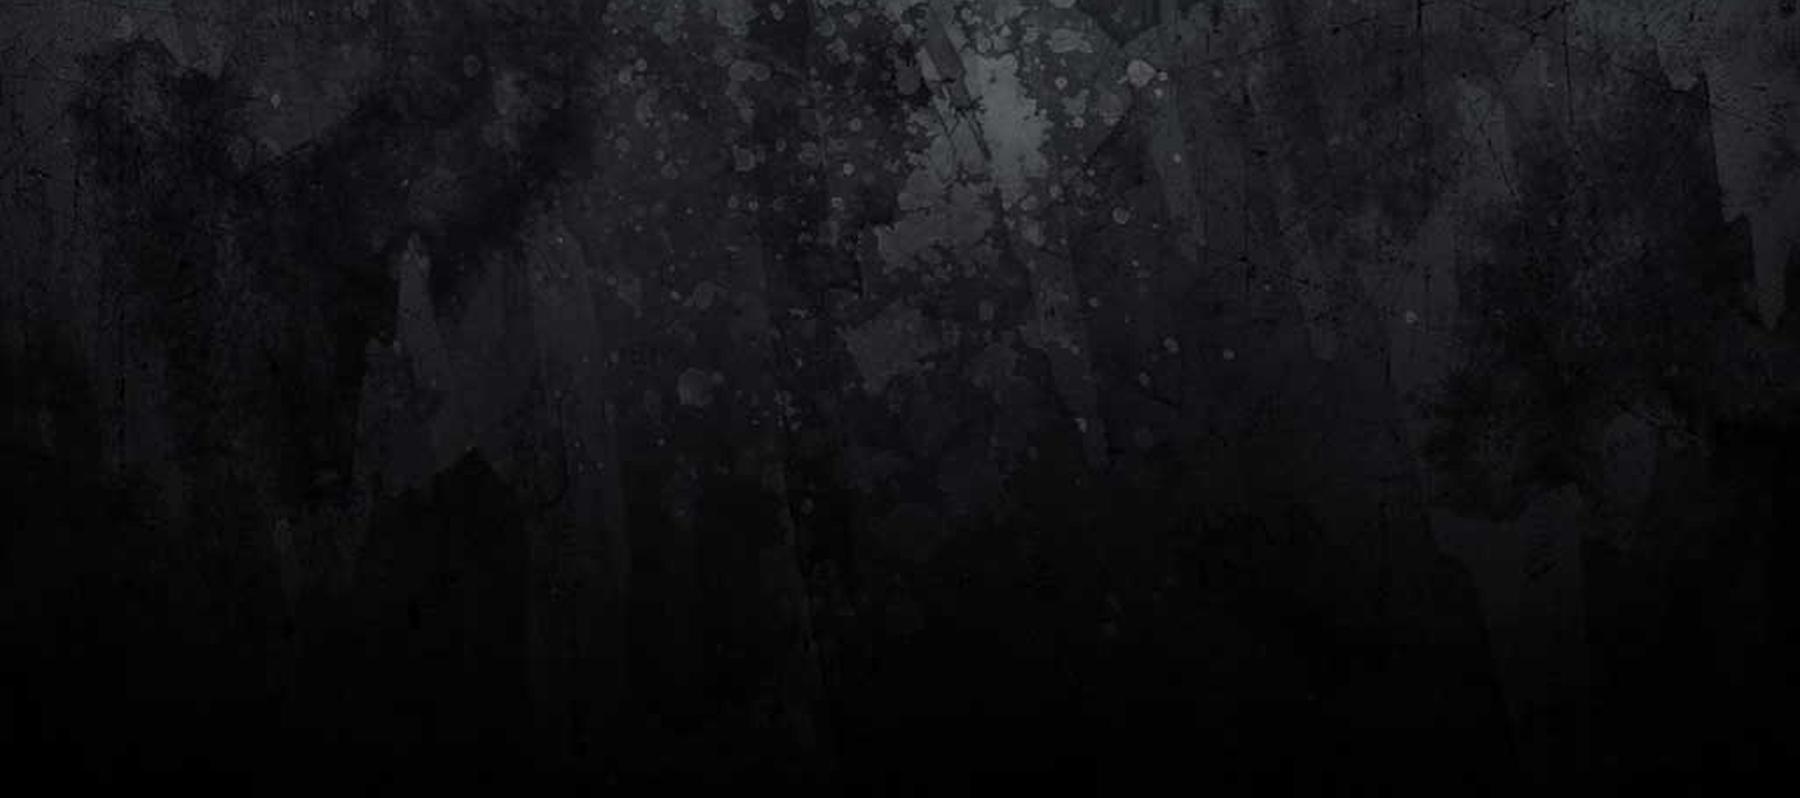 Dark Grunge Background Tumblr Dark Grunge Background...